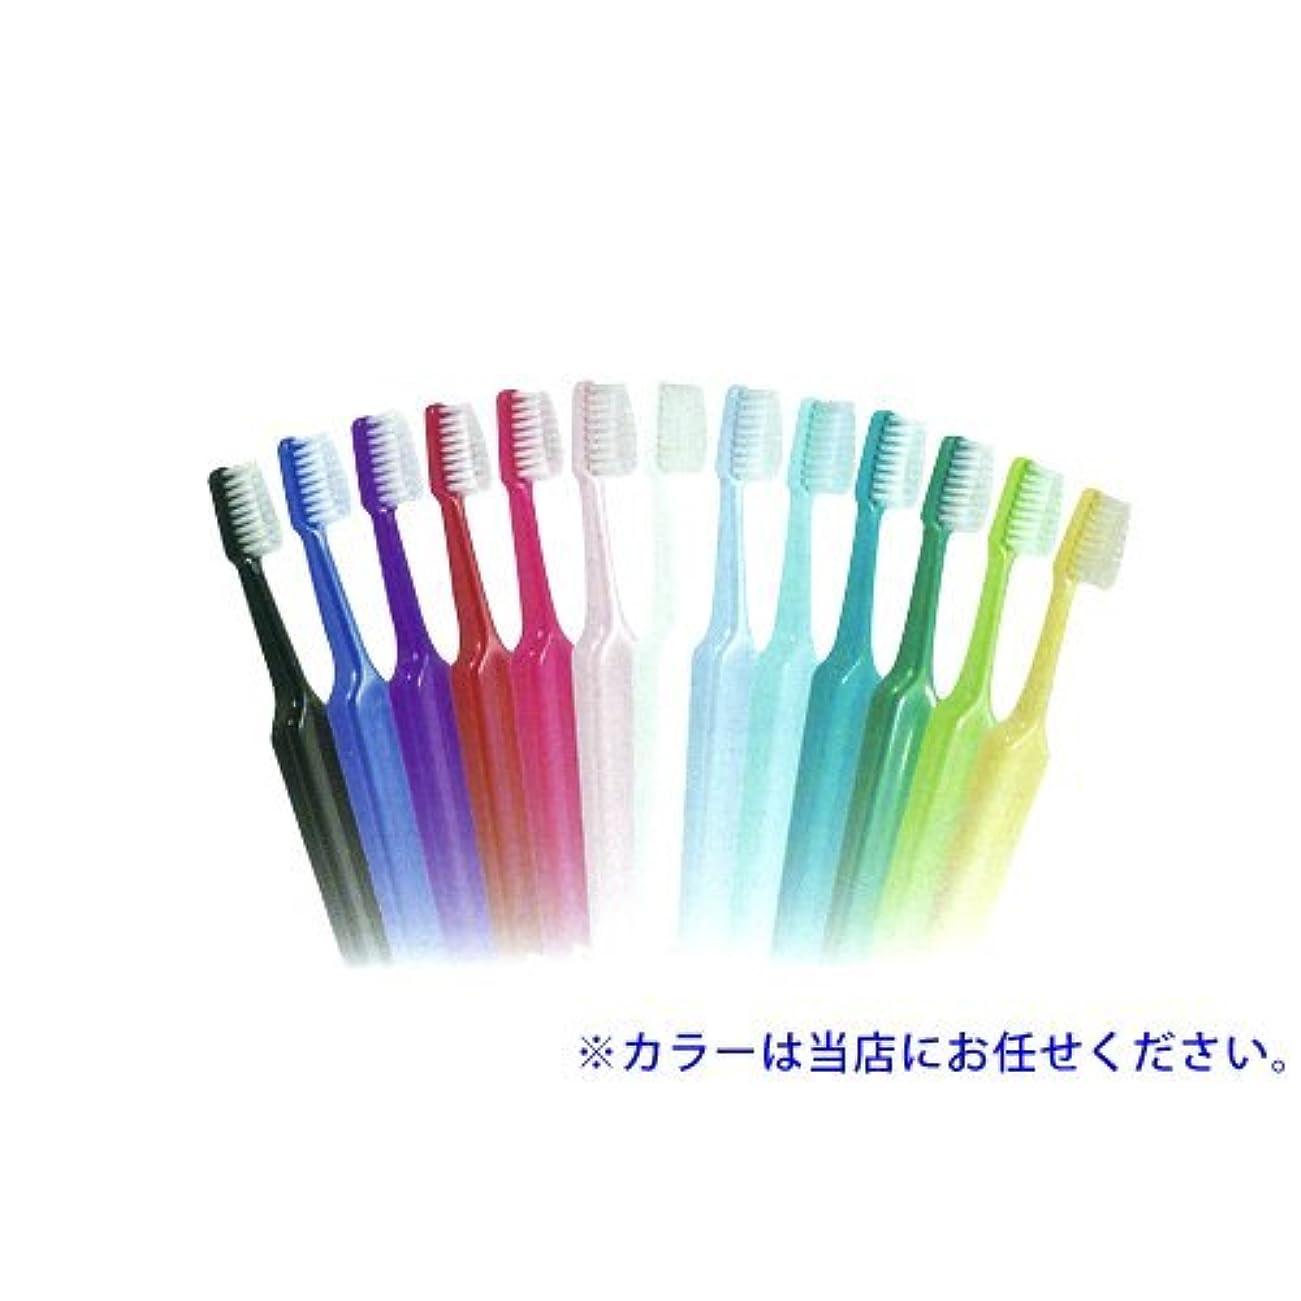 城バトル間に合わせクロスフィールド TePe テペ セレクトミニ 歯ブラシ 1本 ソフト